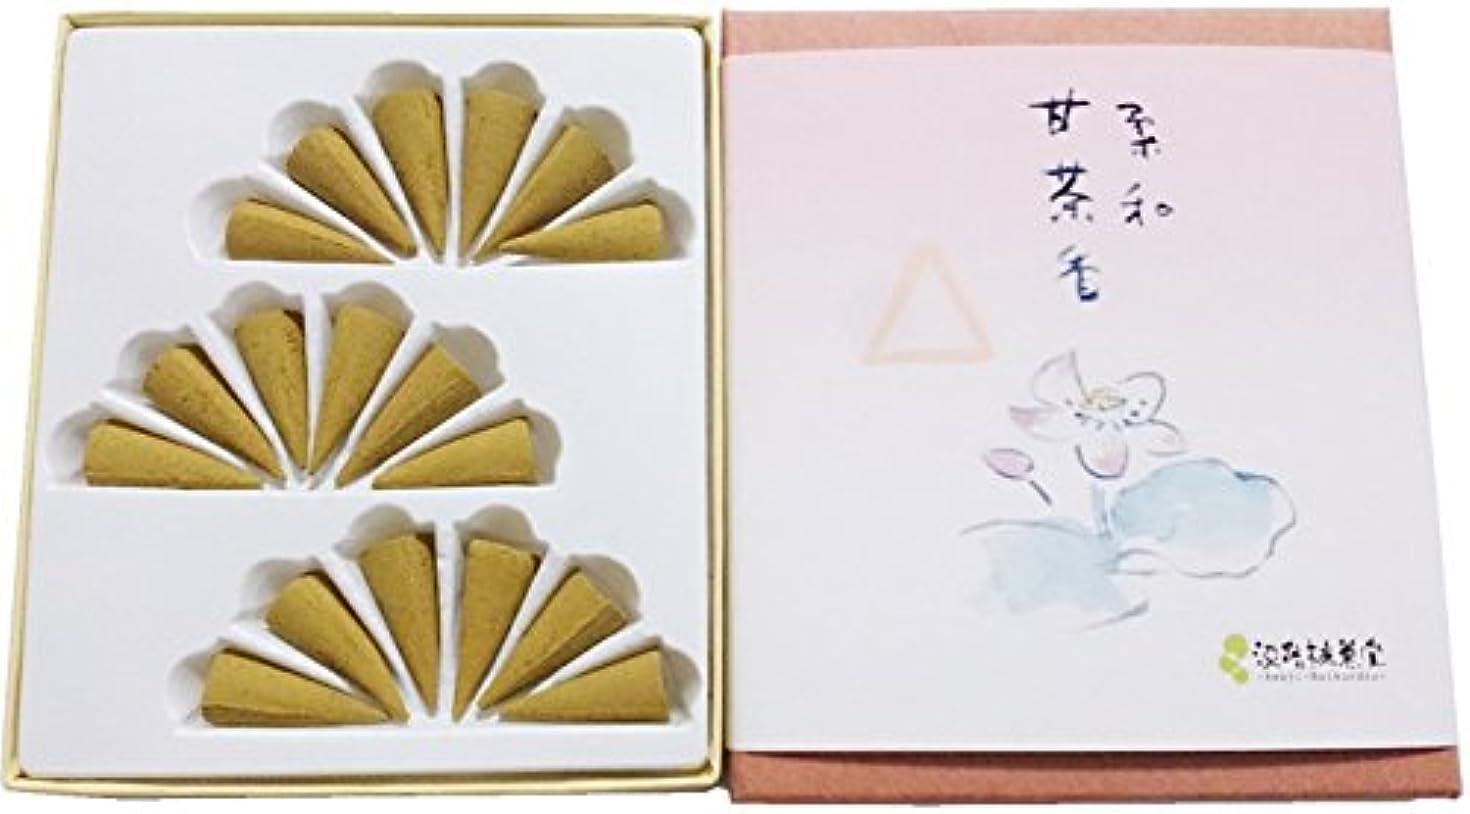 取り消すフラップスリーブ淡路梅薫堂のお香 甘茶 白檀 フランキンセンス 浄化 お香 柔和甘茶香 コーン型 18個入 #3 sandalwood incense cones 日本製